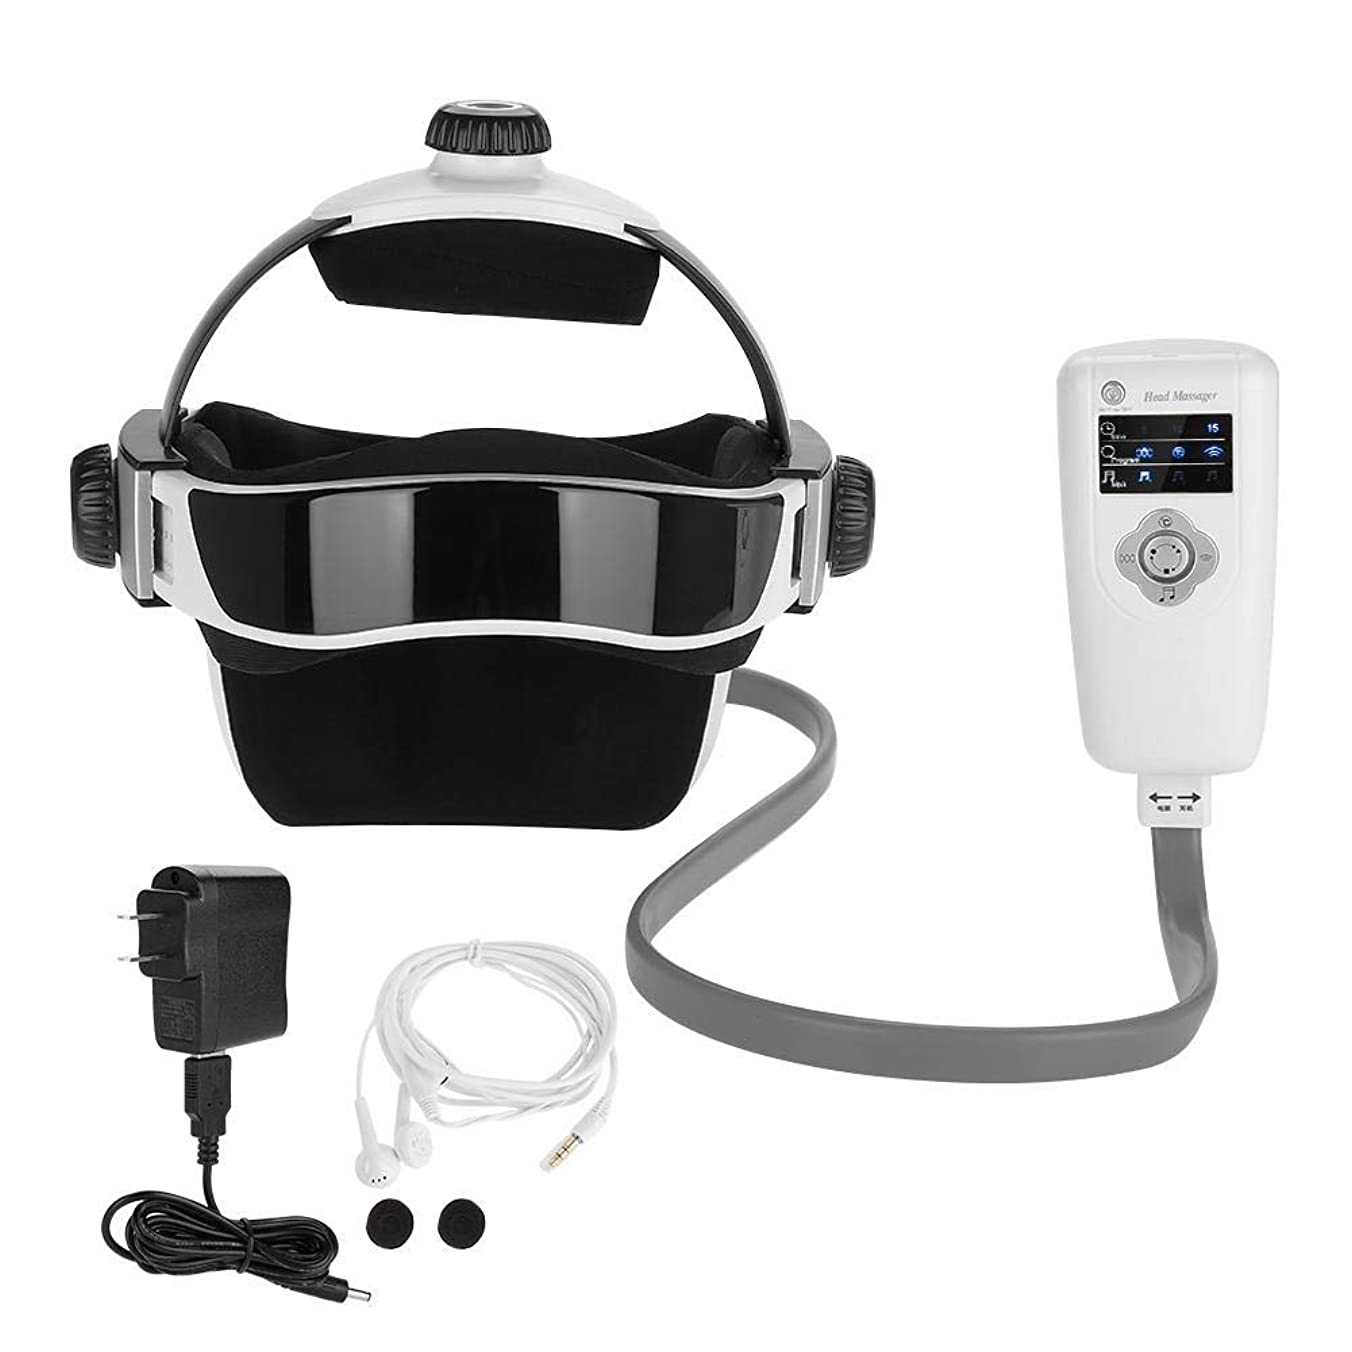 トリップ宴会ガソリン電気頭皮ヘッドマッサージ、人間化されたデザイン家庭用個人的なヘッドマッサージツールヘルメット圧力振動ヘルメット脳リラックスマッサージヘルスケア